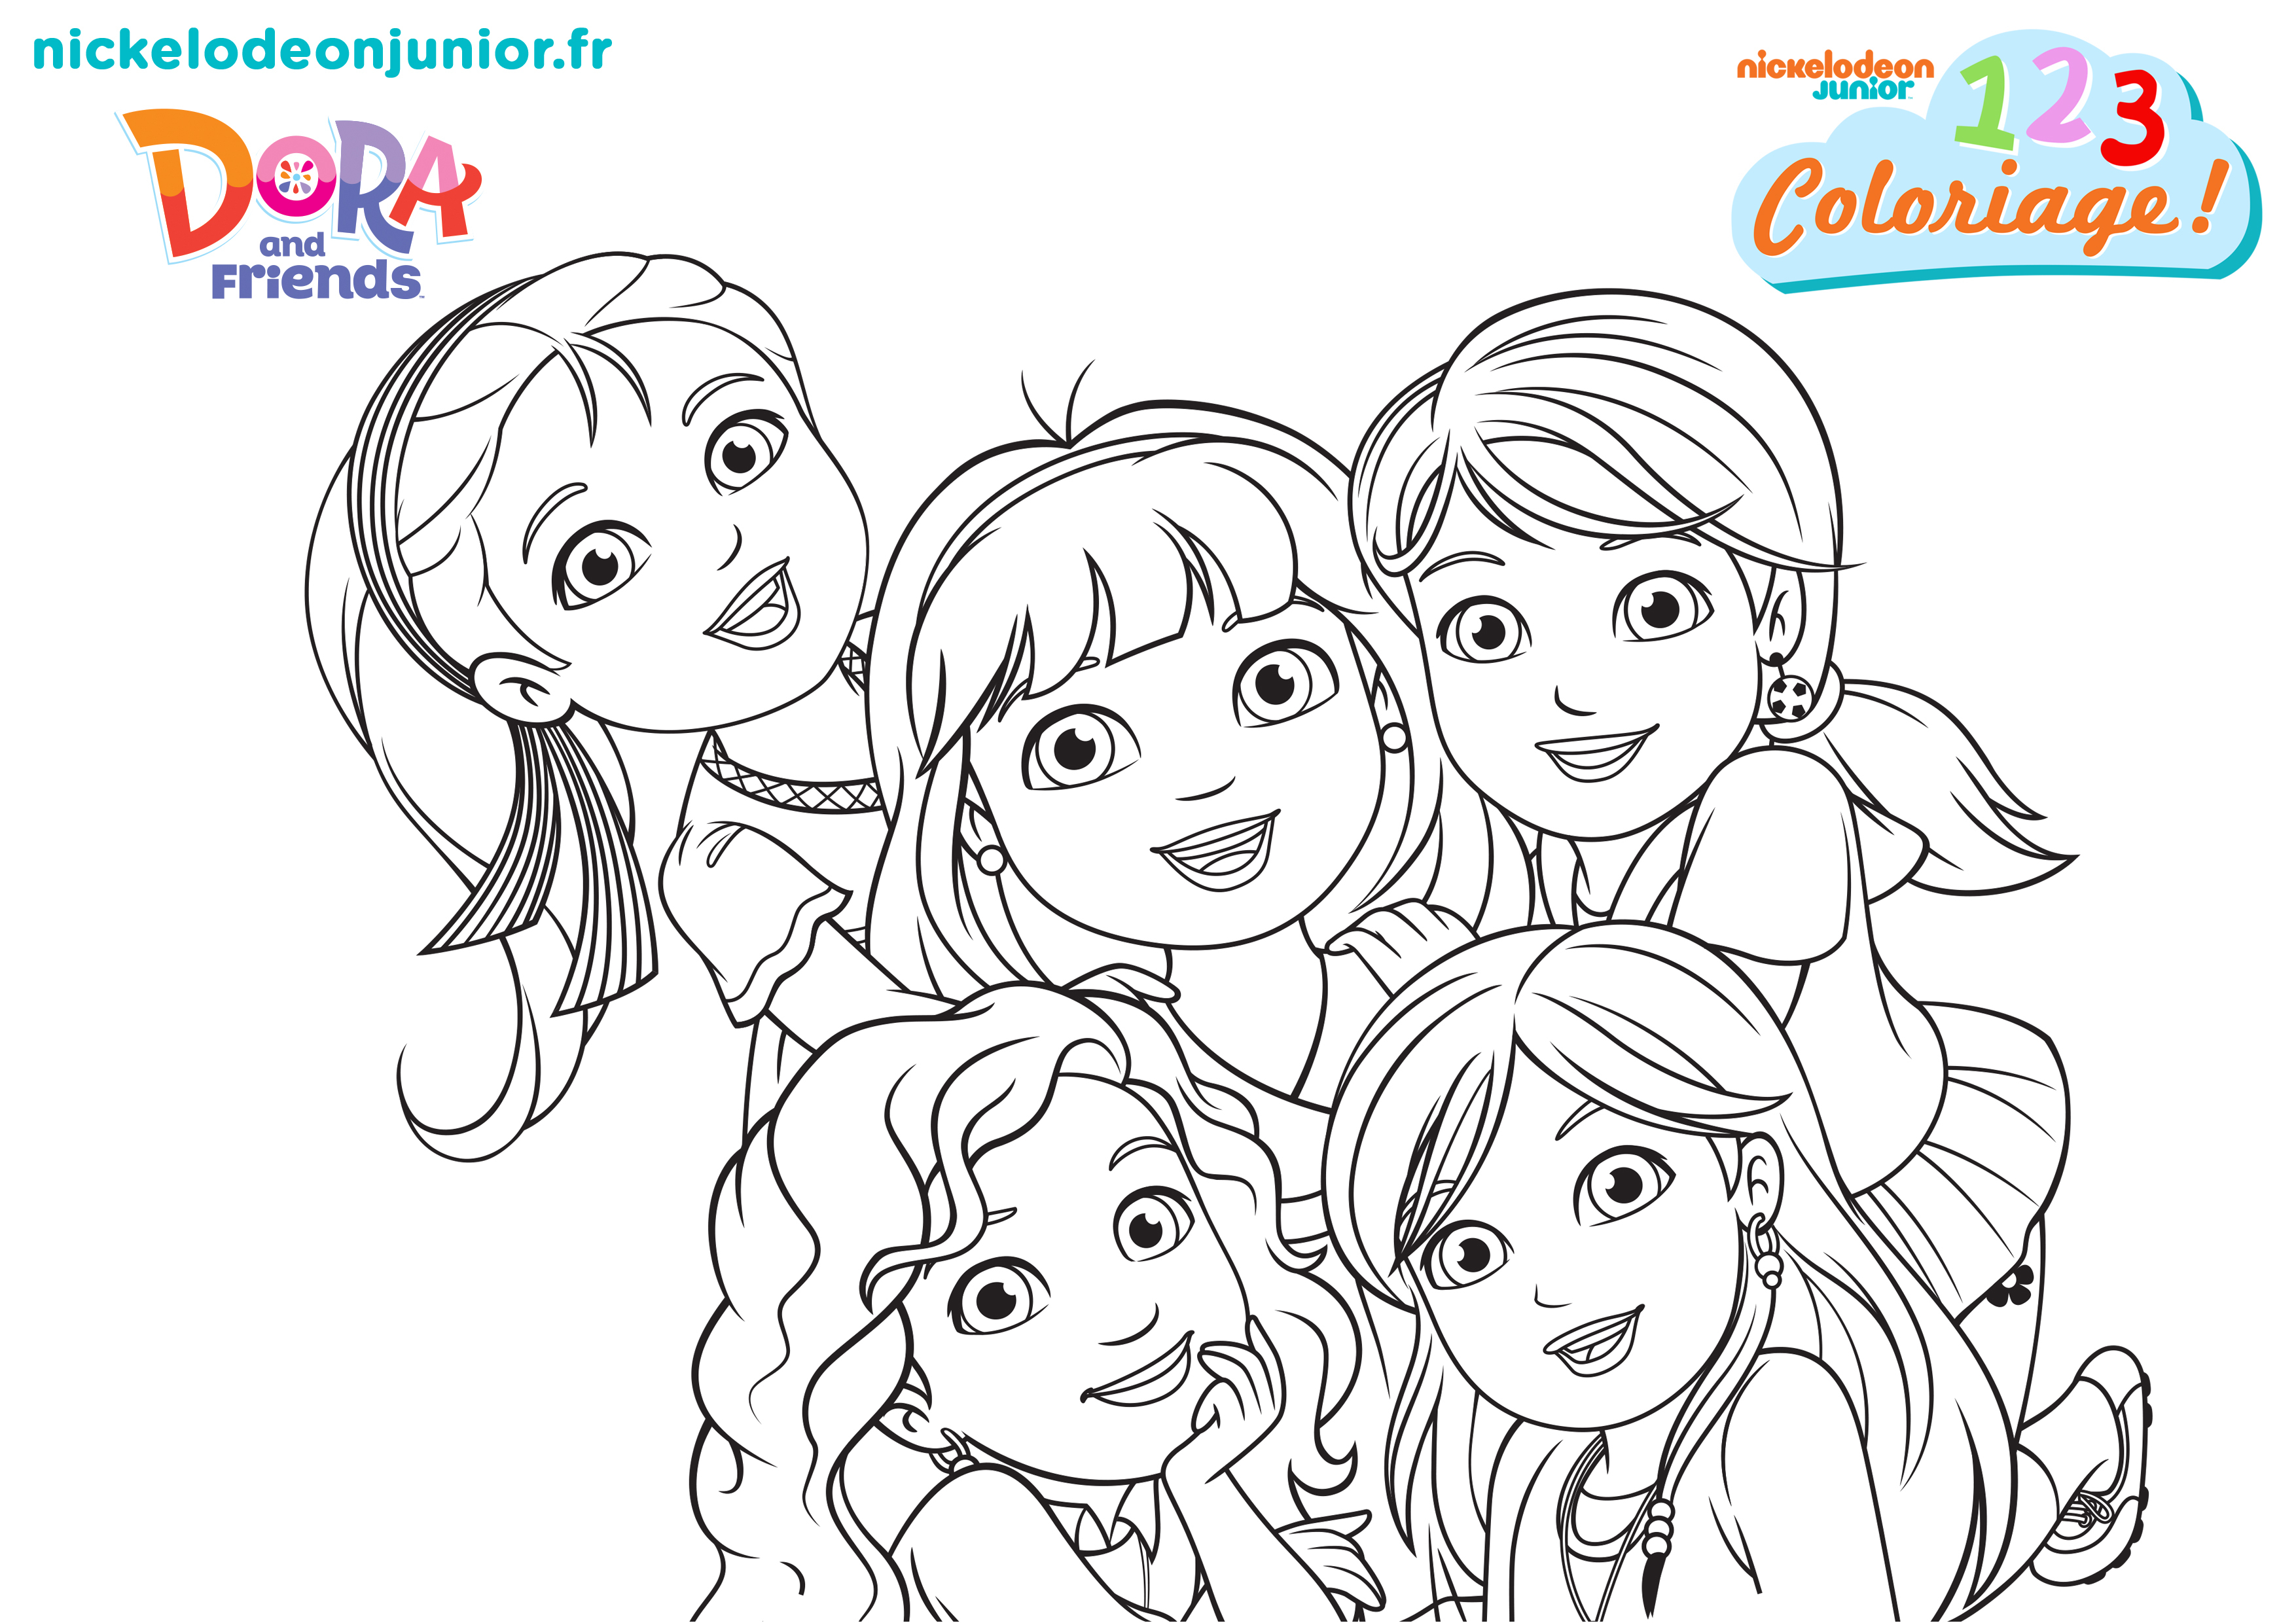 1, 2, 3 Coloriage !   Dora And Friends : Au Coeur De La concernant Dessin A Colorier Dora Gratuit A Imprimer